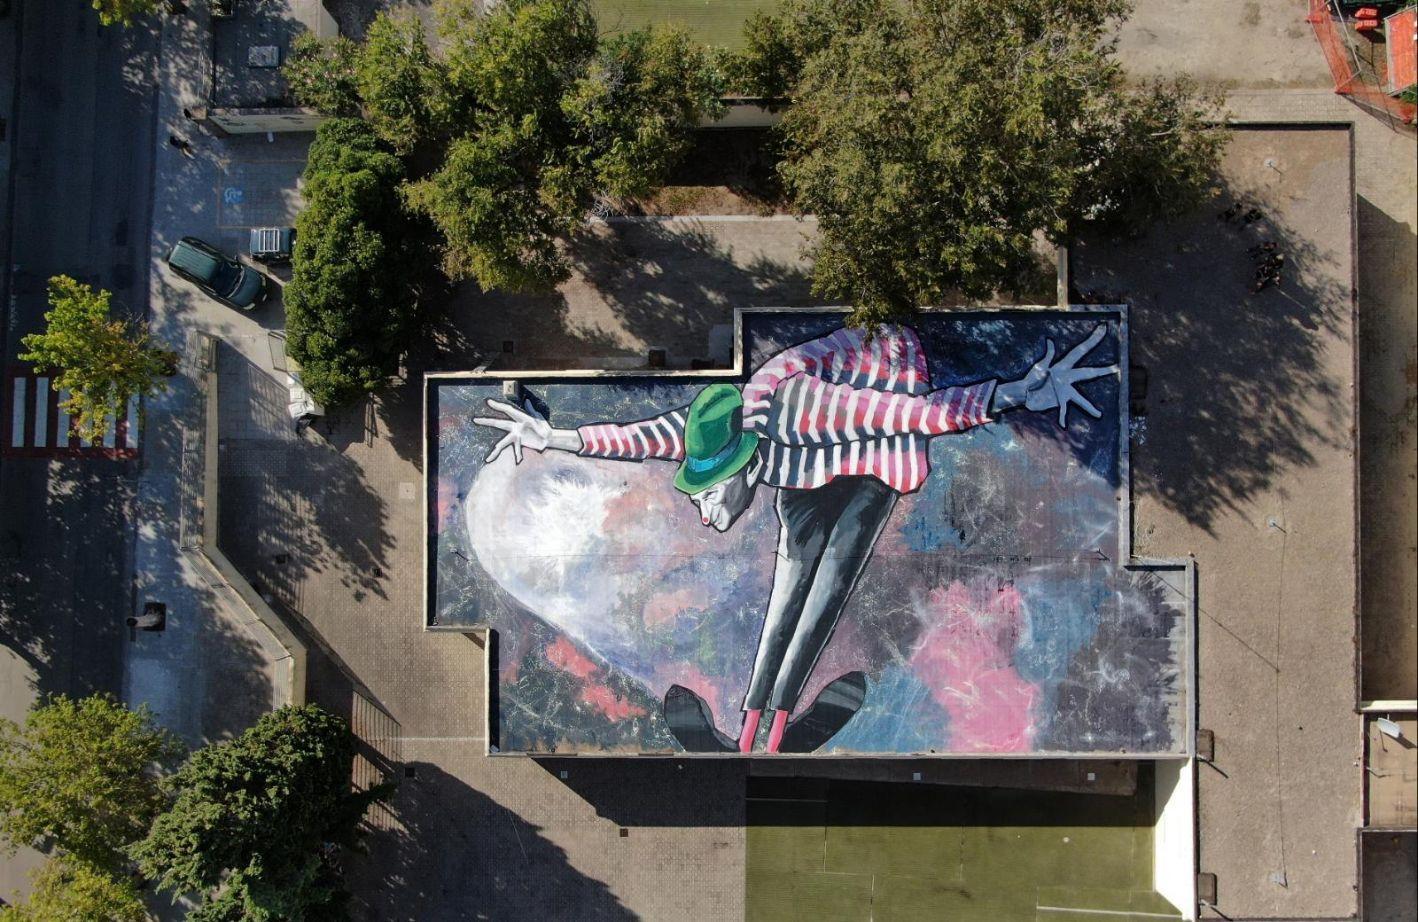 Alghero, la città si fa teatro a cielo aperto: e Ruben Mureddu disegna il più grande murale orizzontale di Sardegna